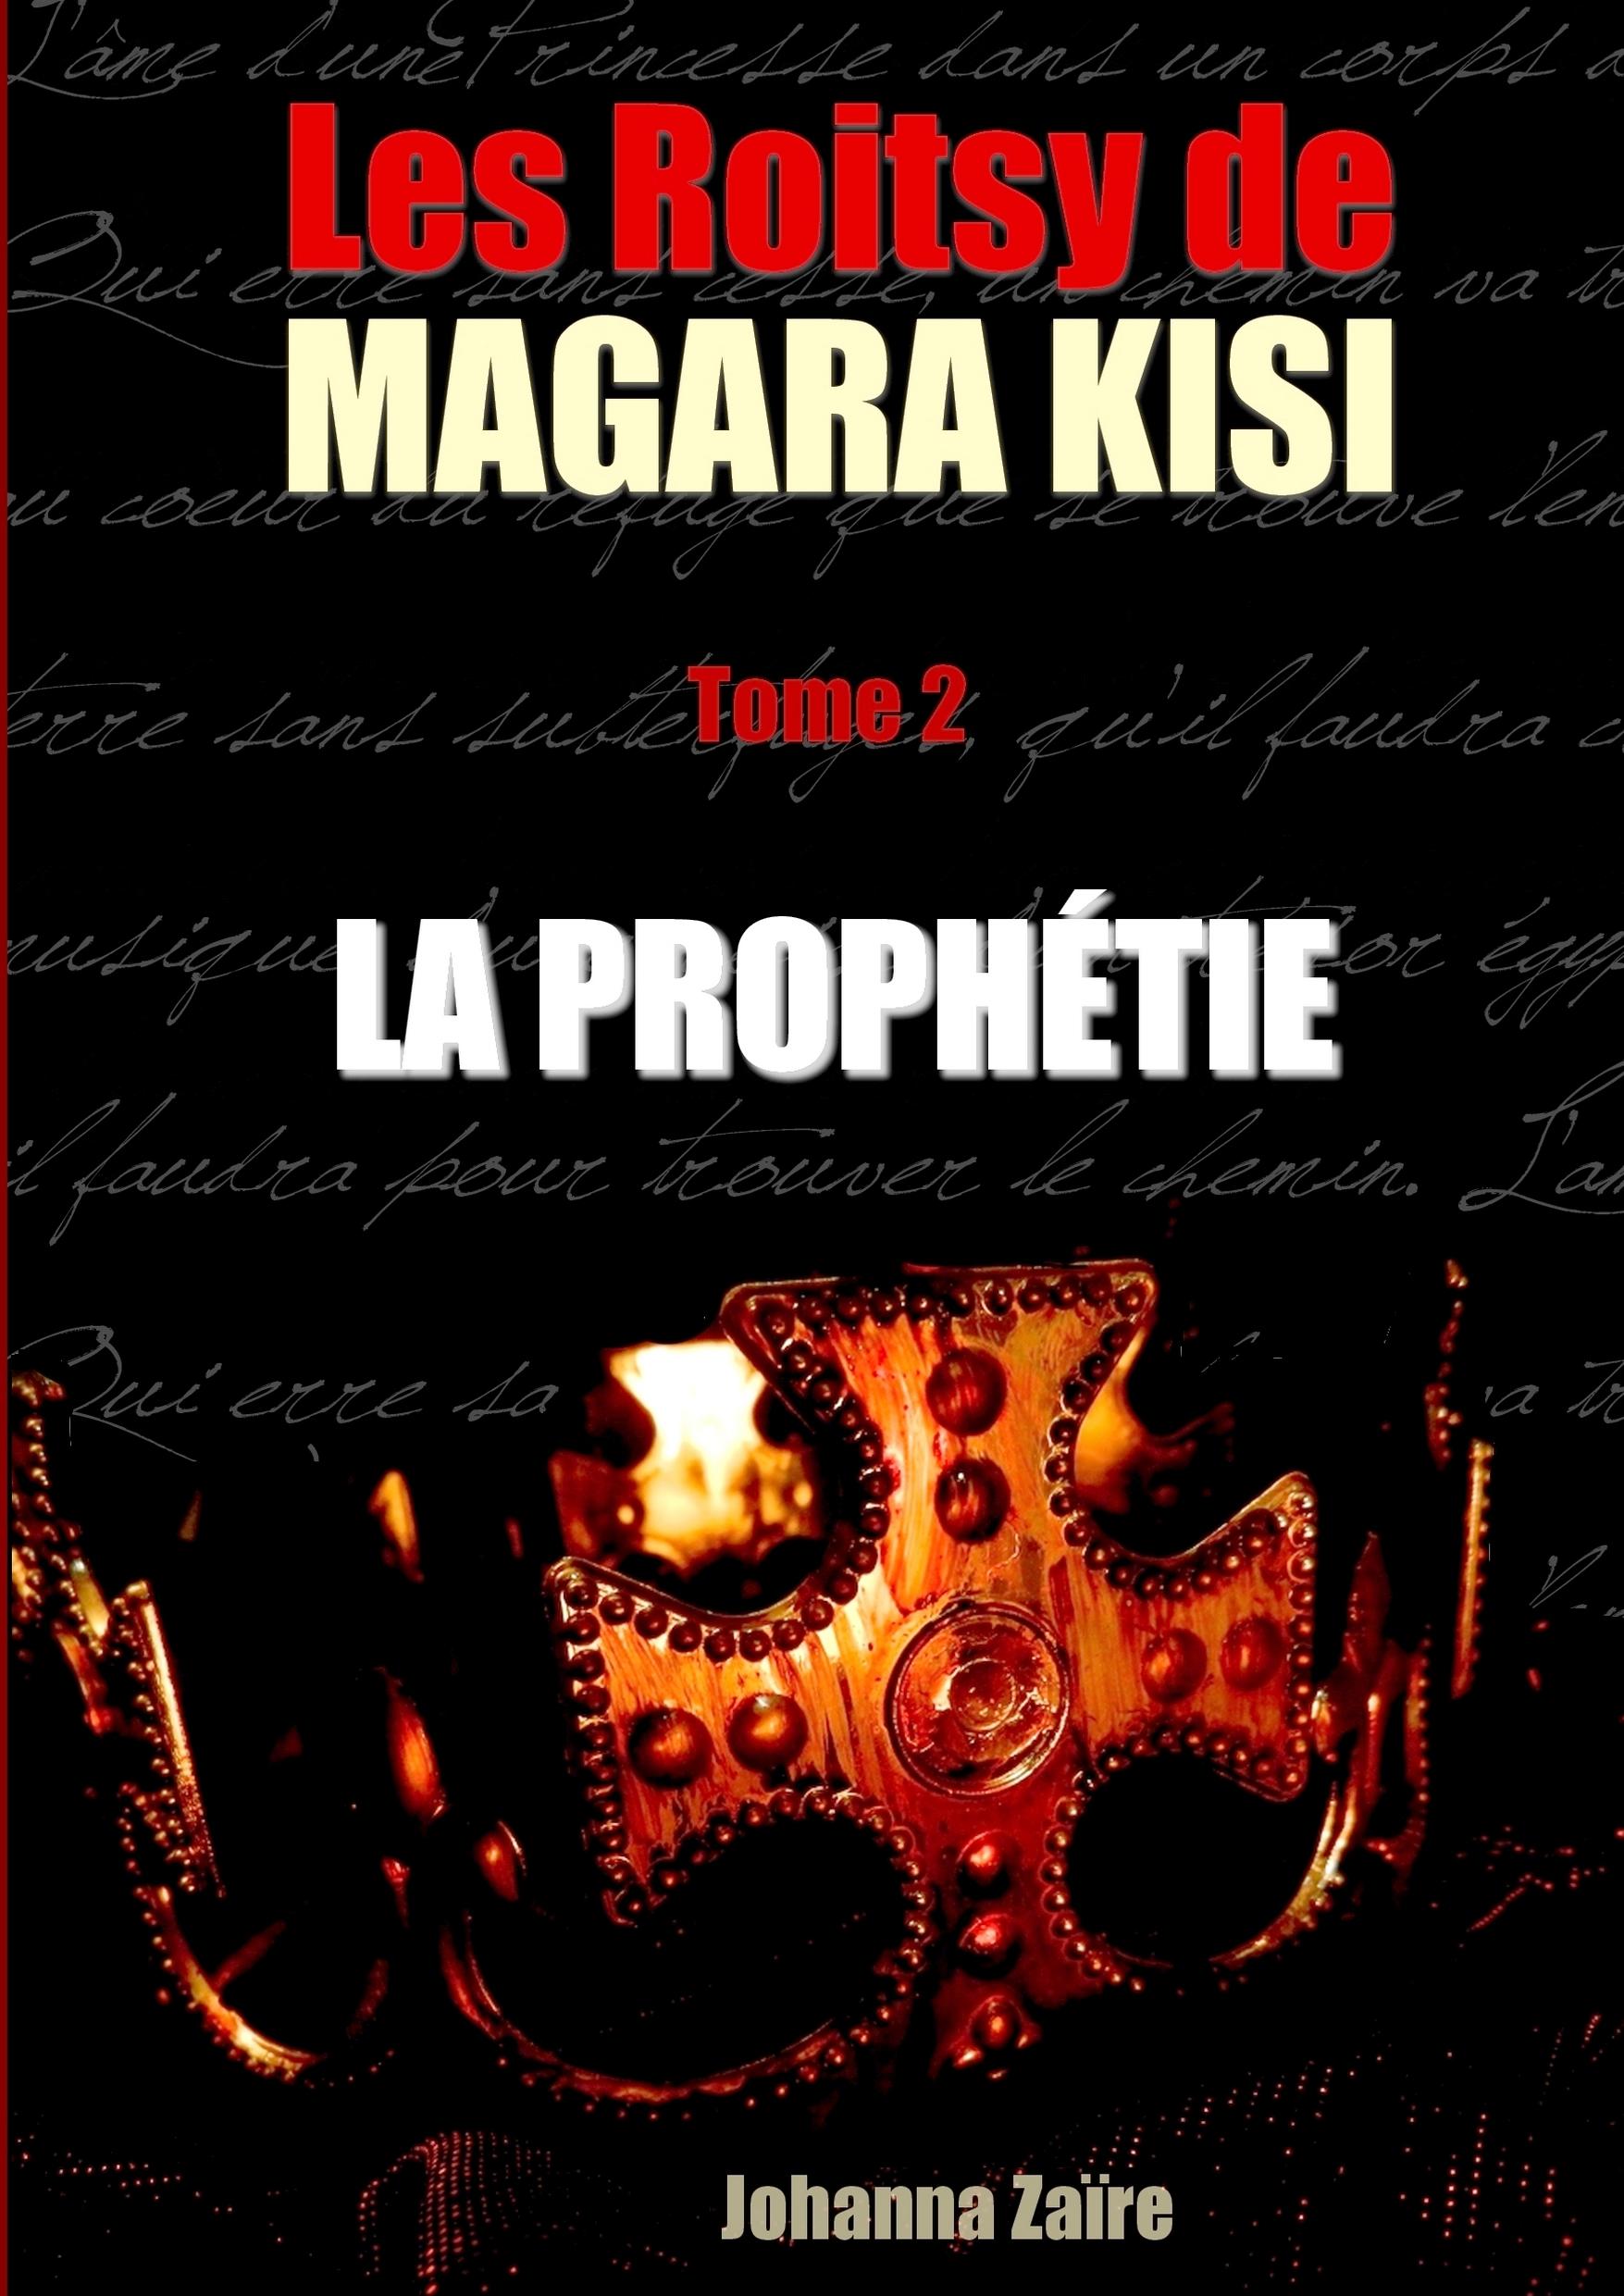 Les Roitsy de Magara Kisi - Tome 2